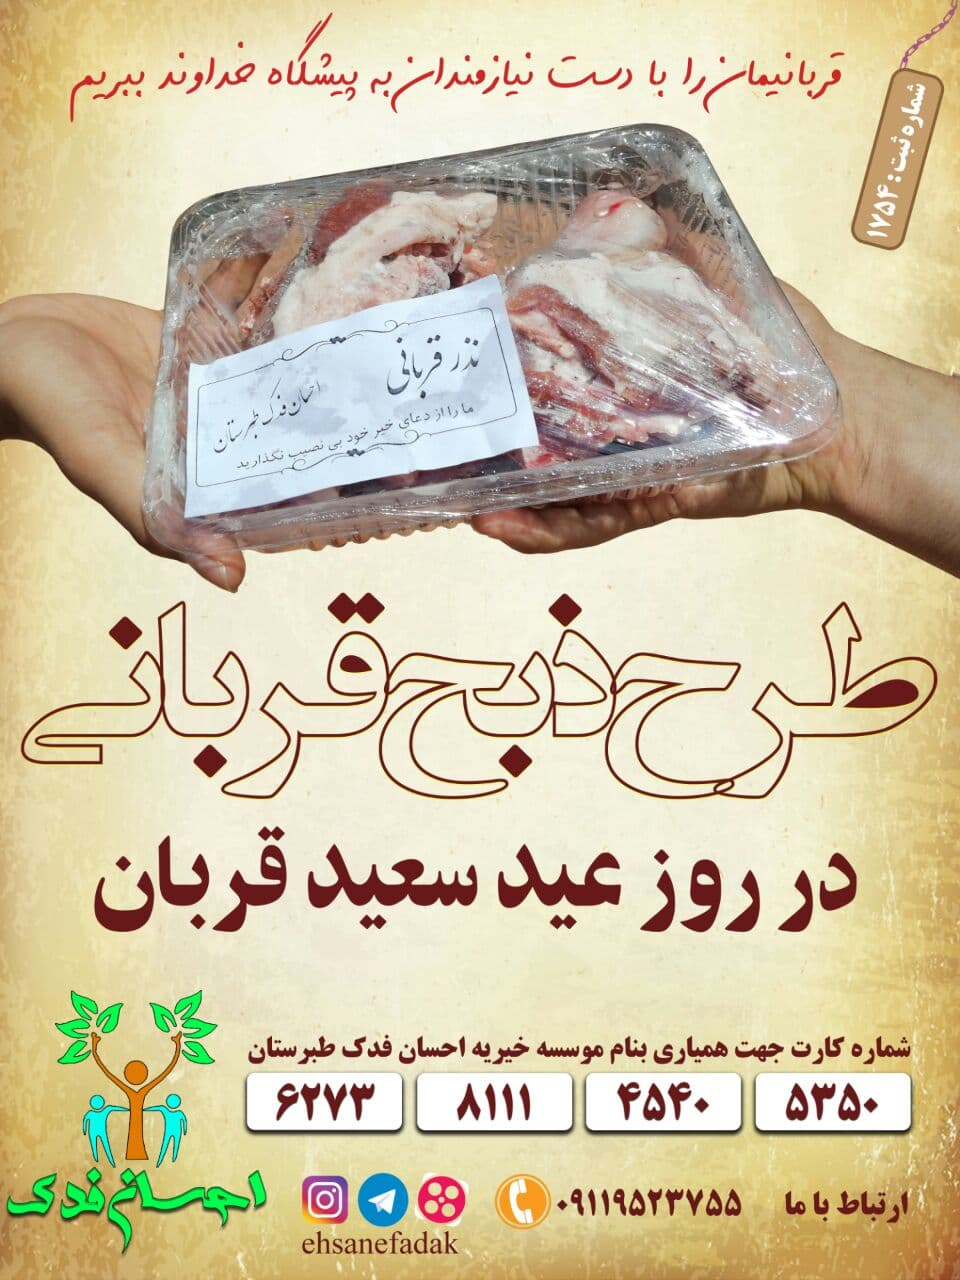 طرح قربانی عید سعید قربان